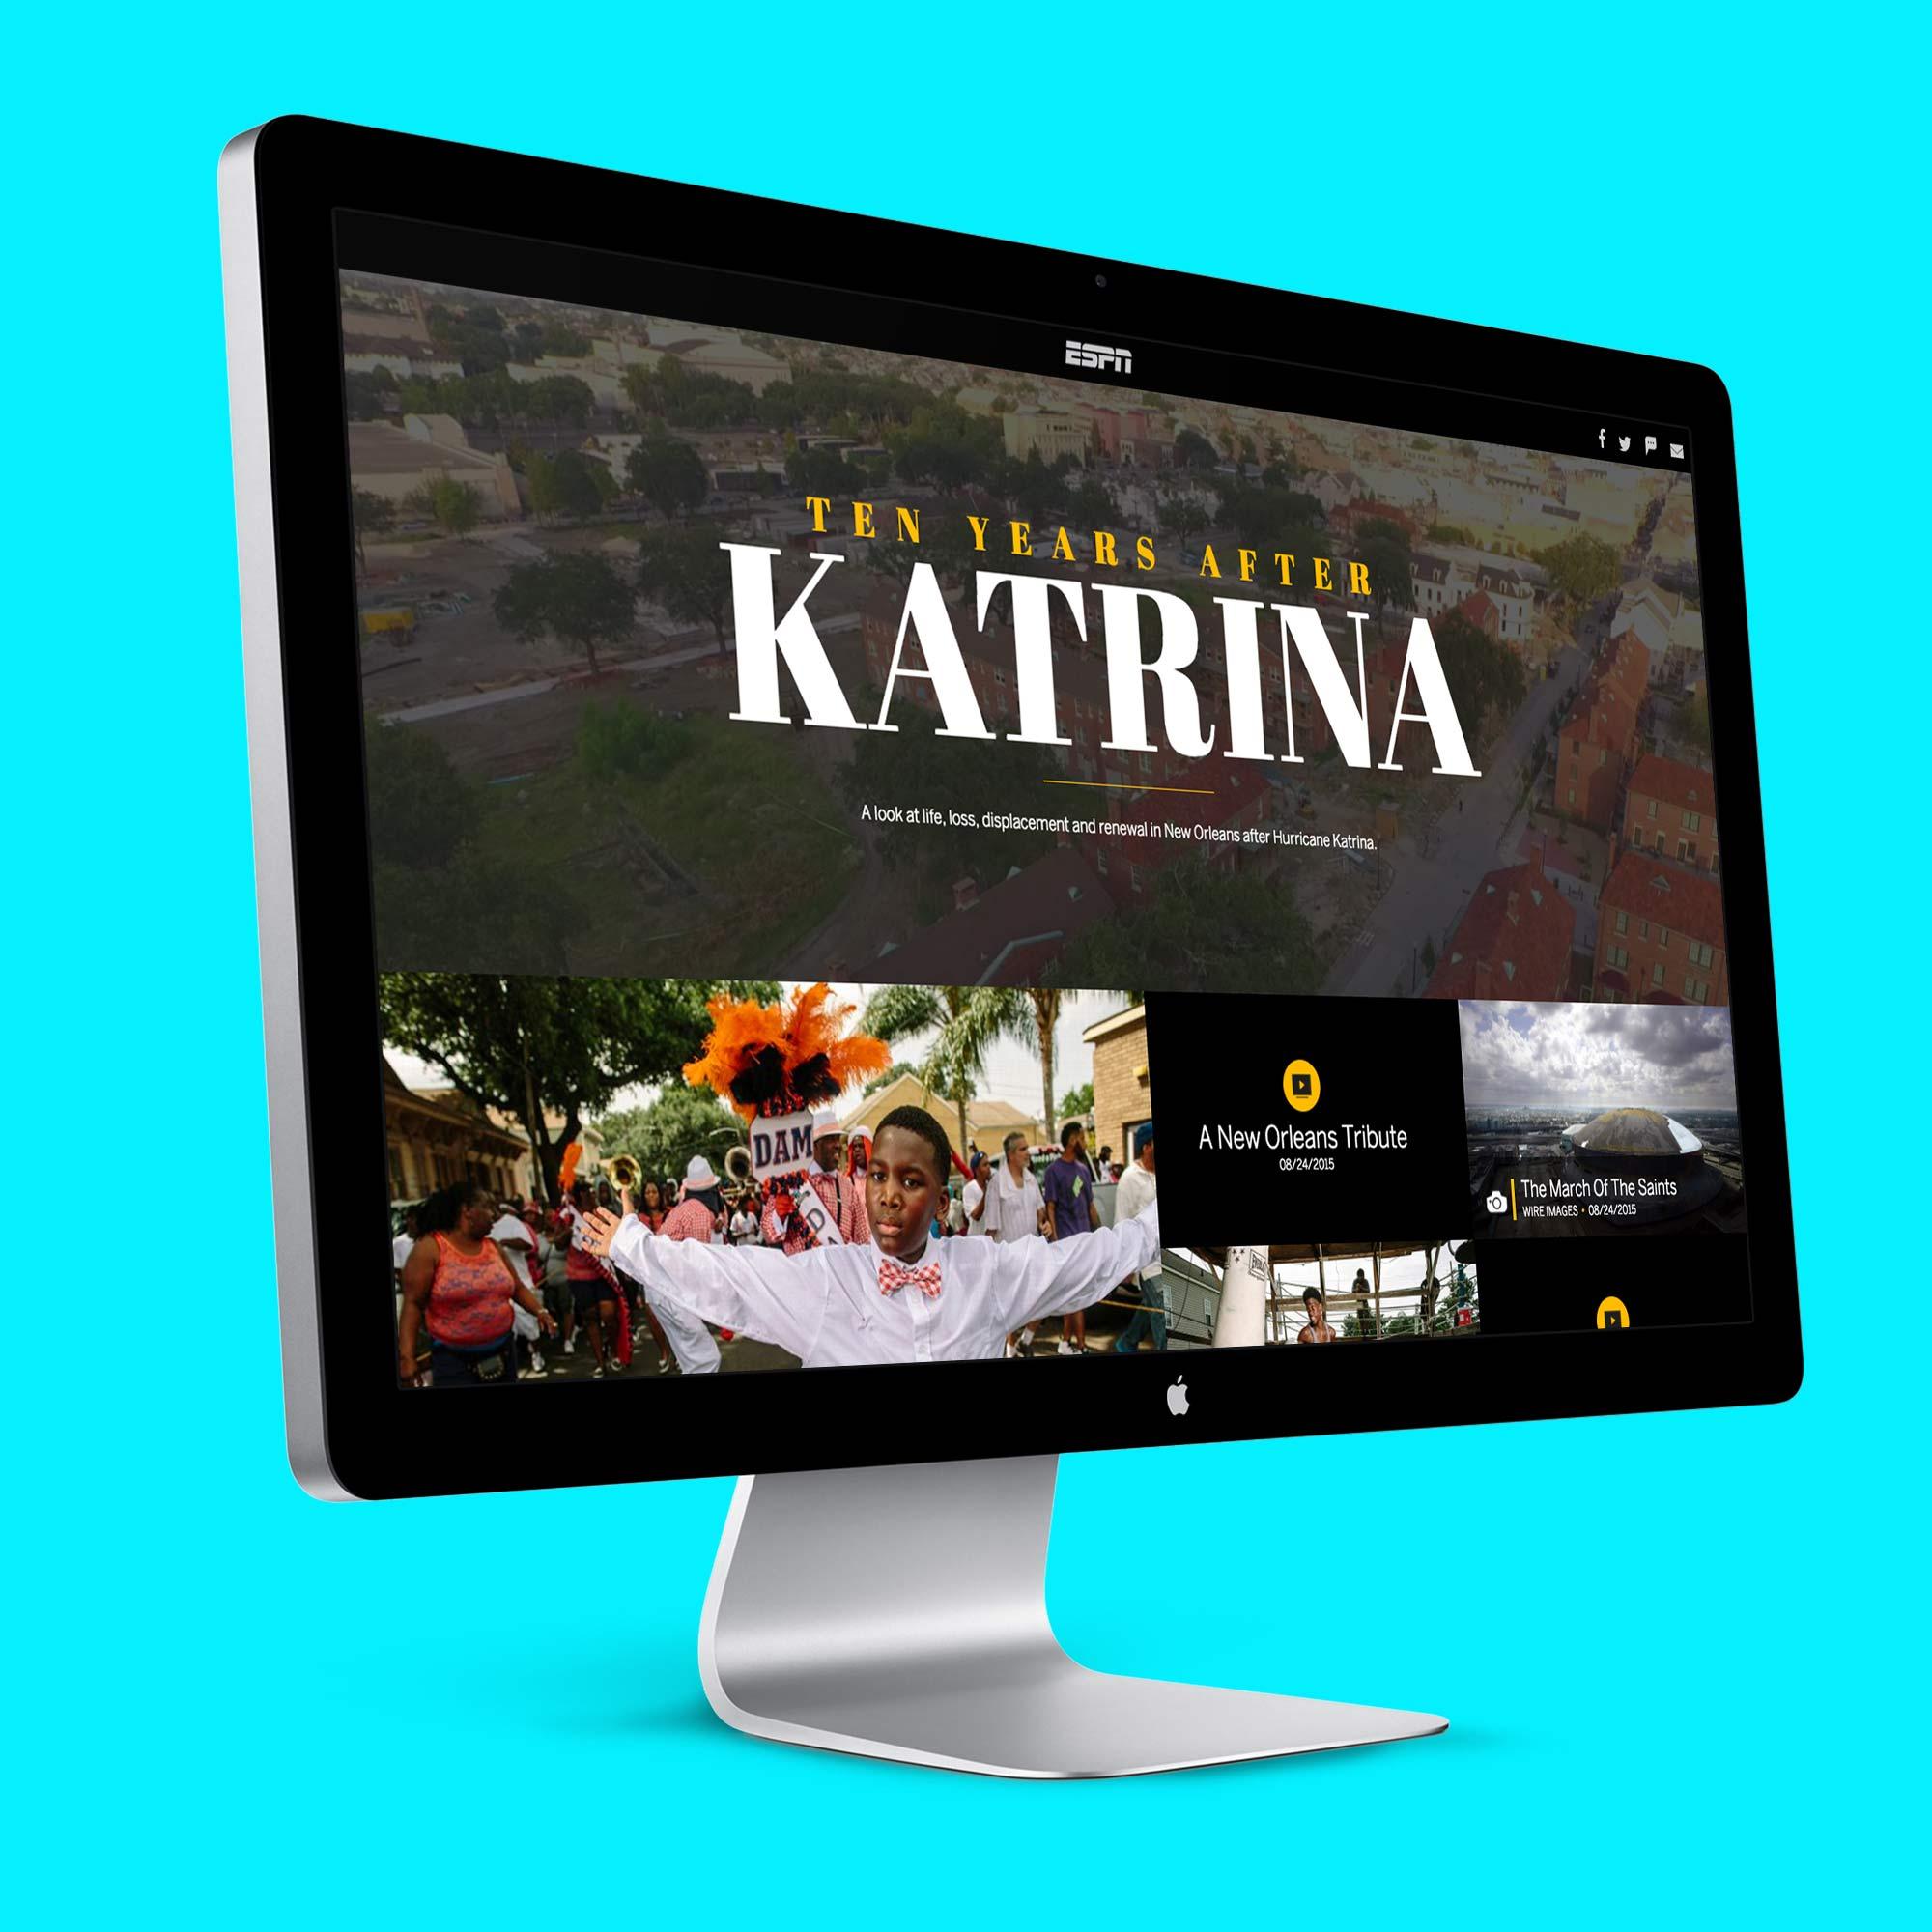 katrinadesktop.jpg